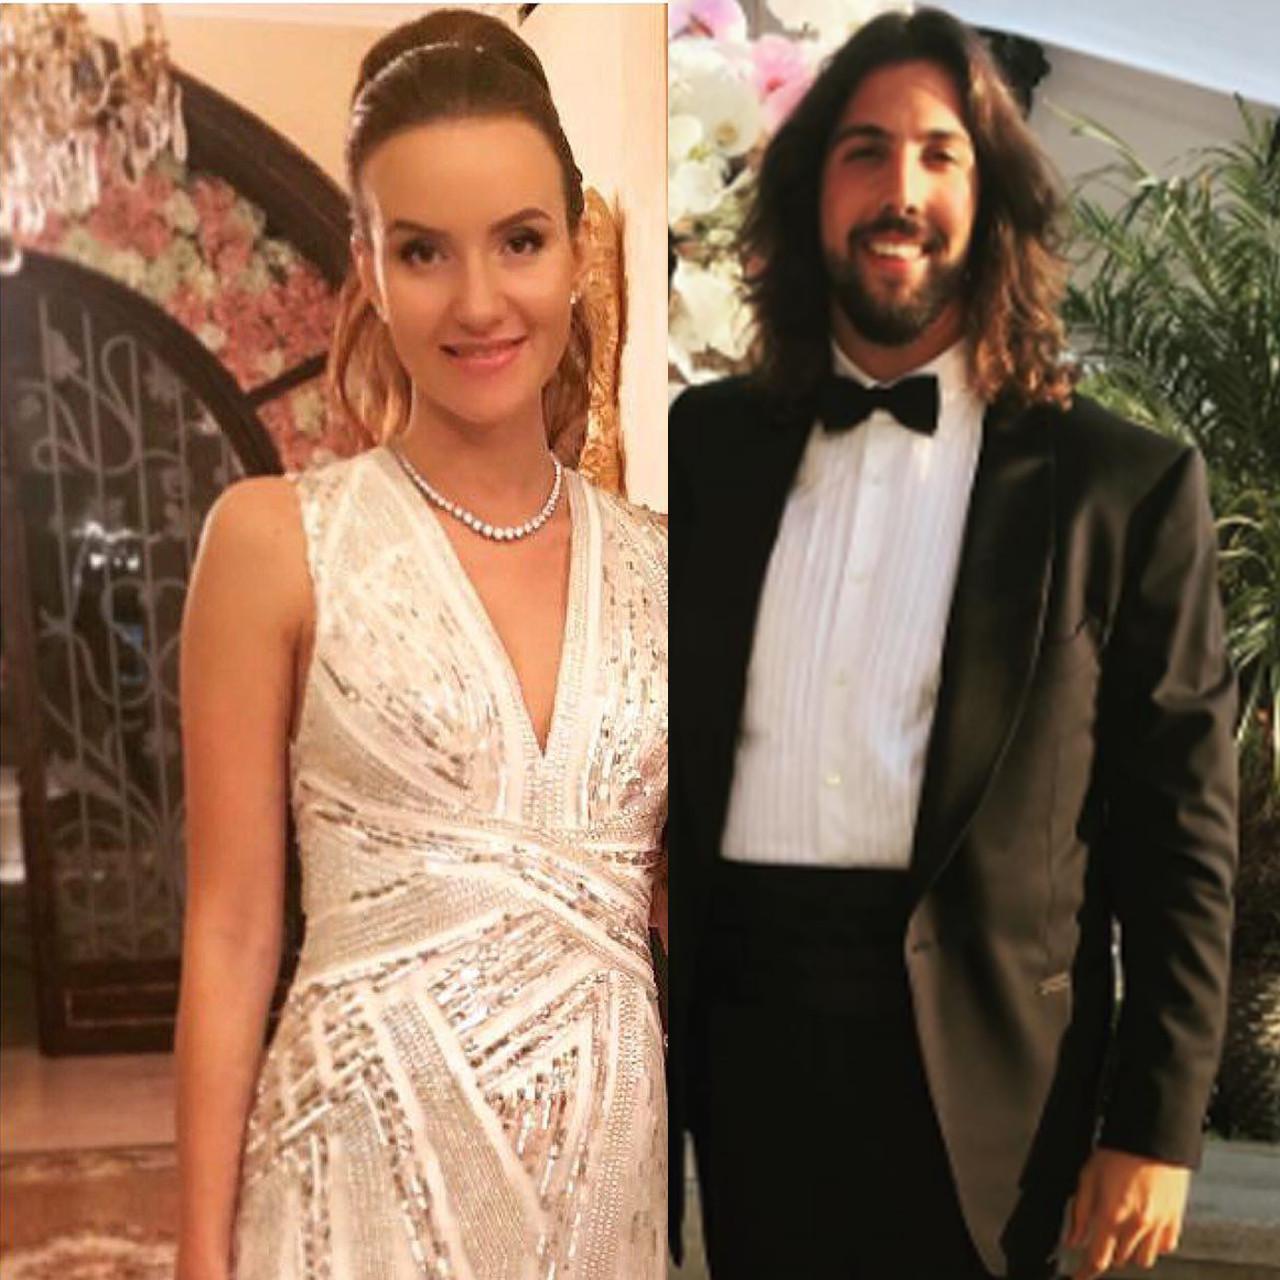 Як Кернес гуляв на весіллі доньки російського мільйонера і онука поплічника Каддафі - фото 1